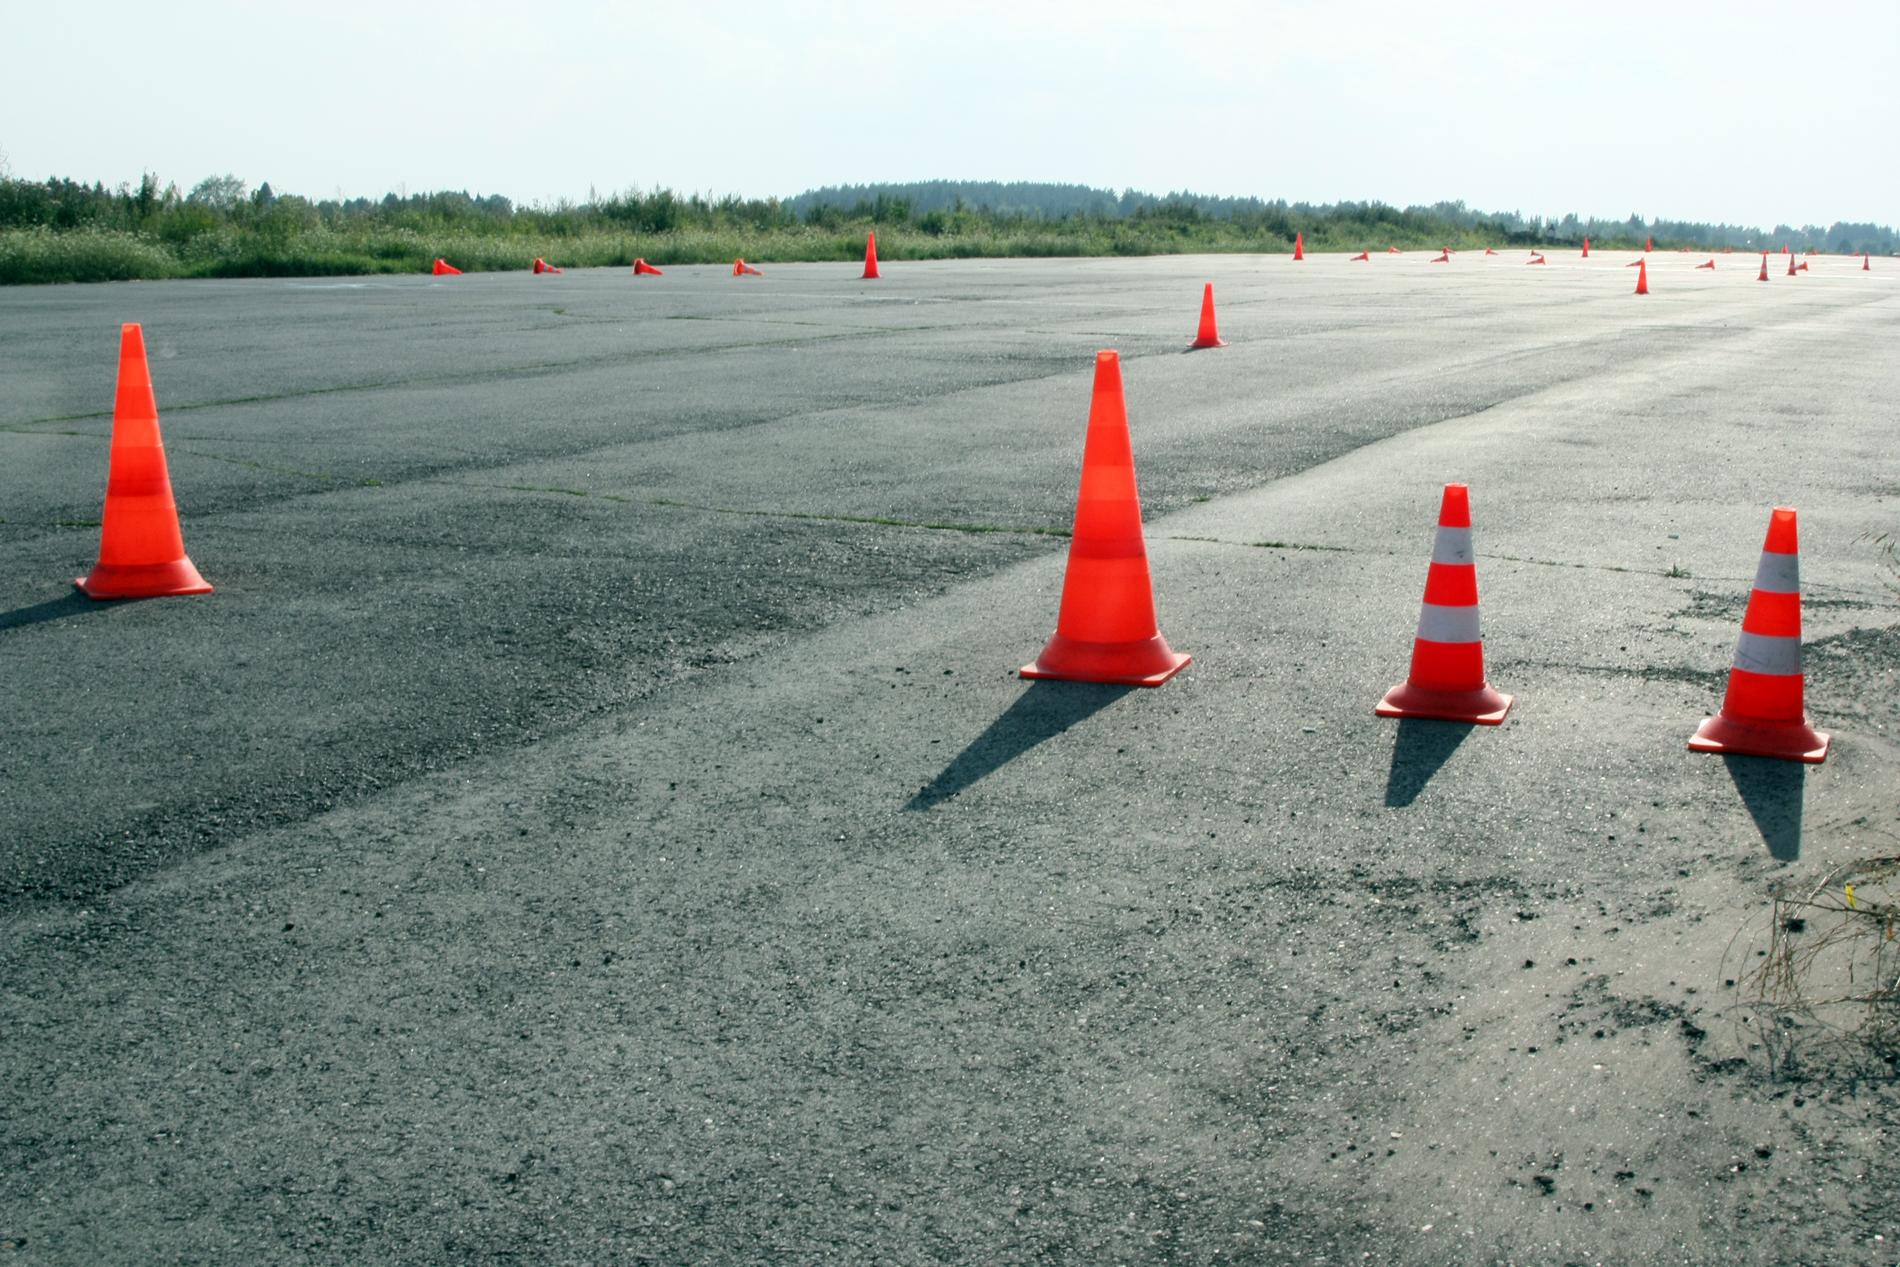 Истерия: автошколы пугают запретом и ждут наплыва из-за новых правил